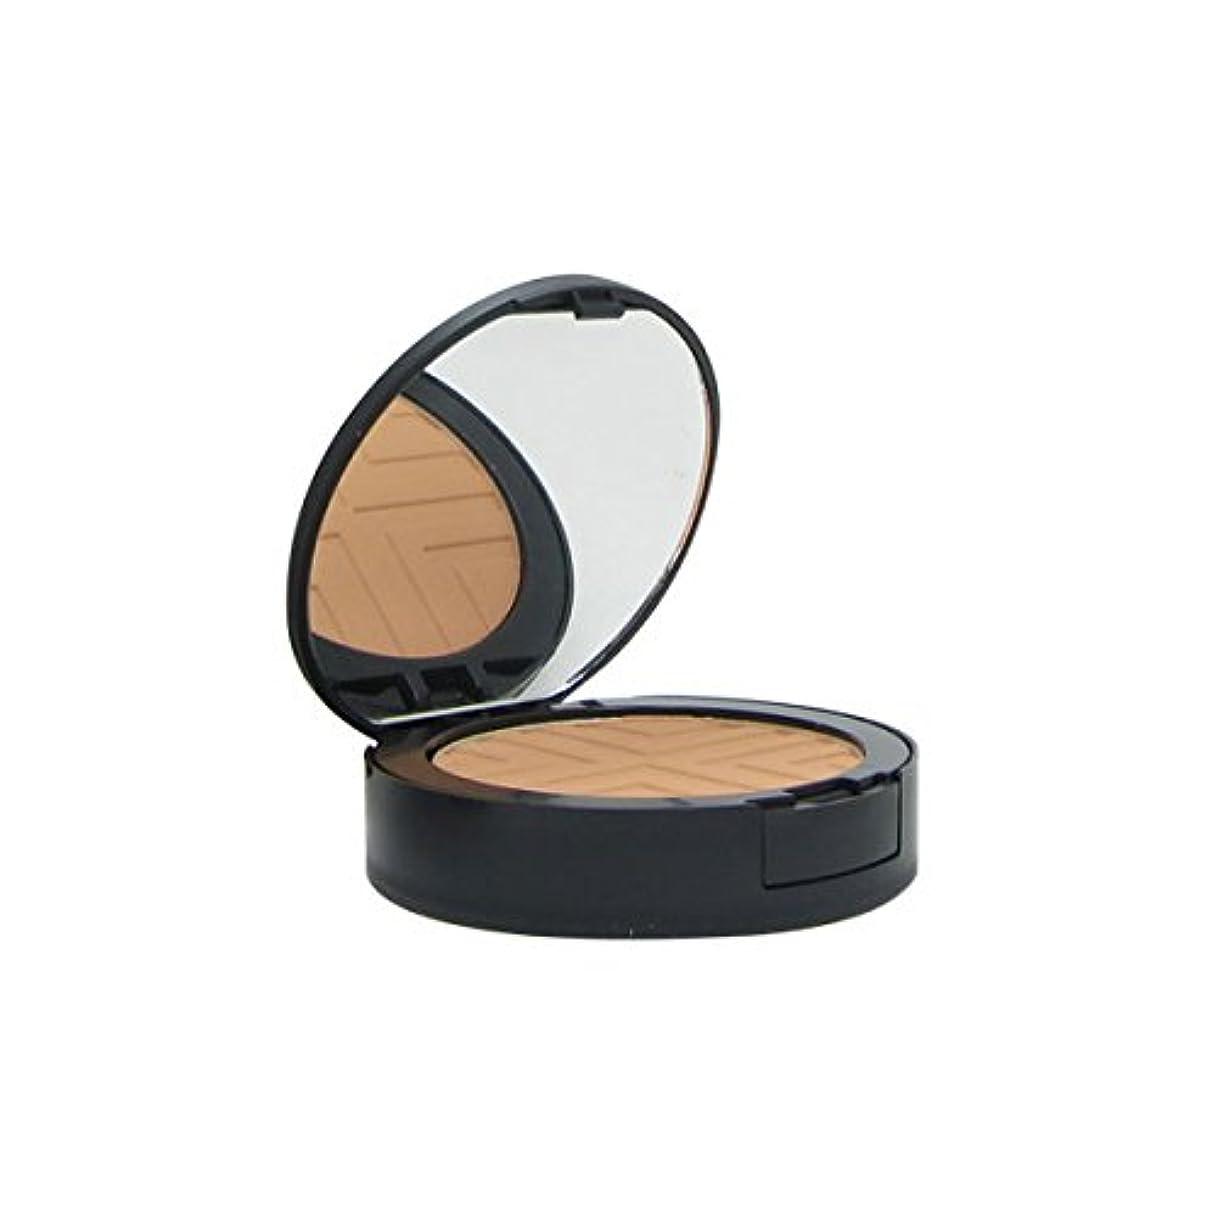 すごいかけがえのないキャンプVichy Dermablend Covermatte Compact Powder Foundation 55 Bronze 9,5g [並行輸入品]